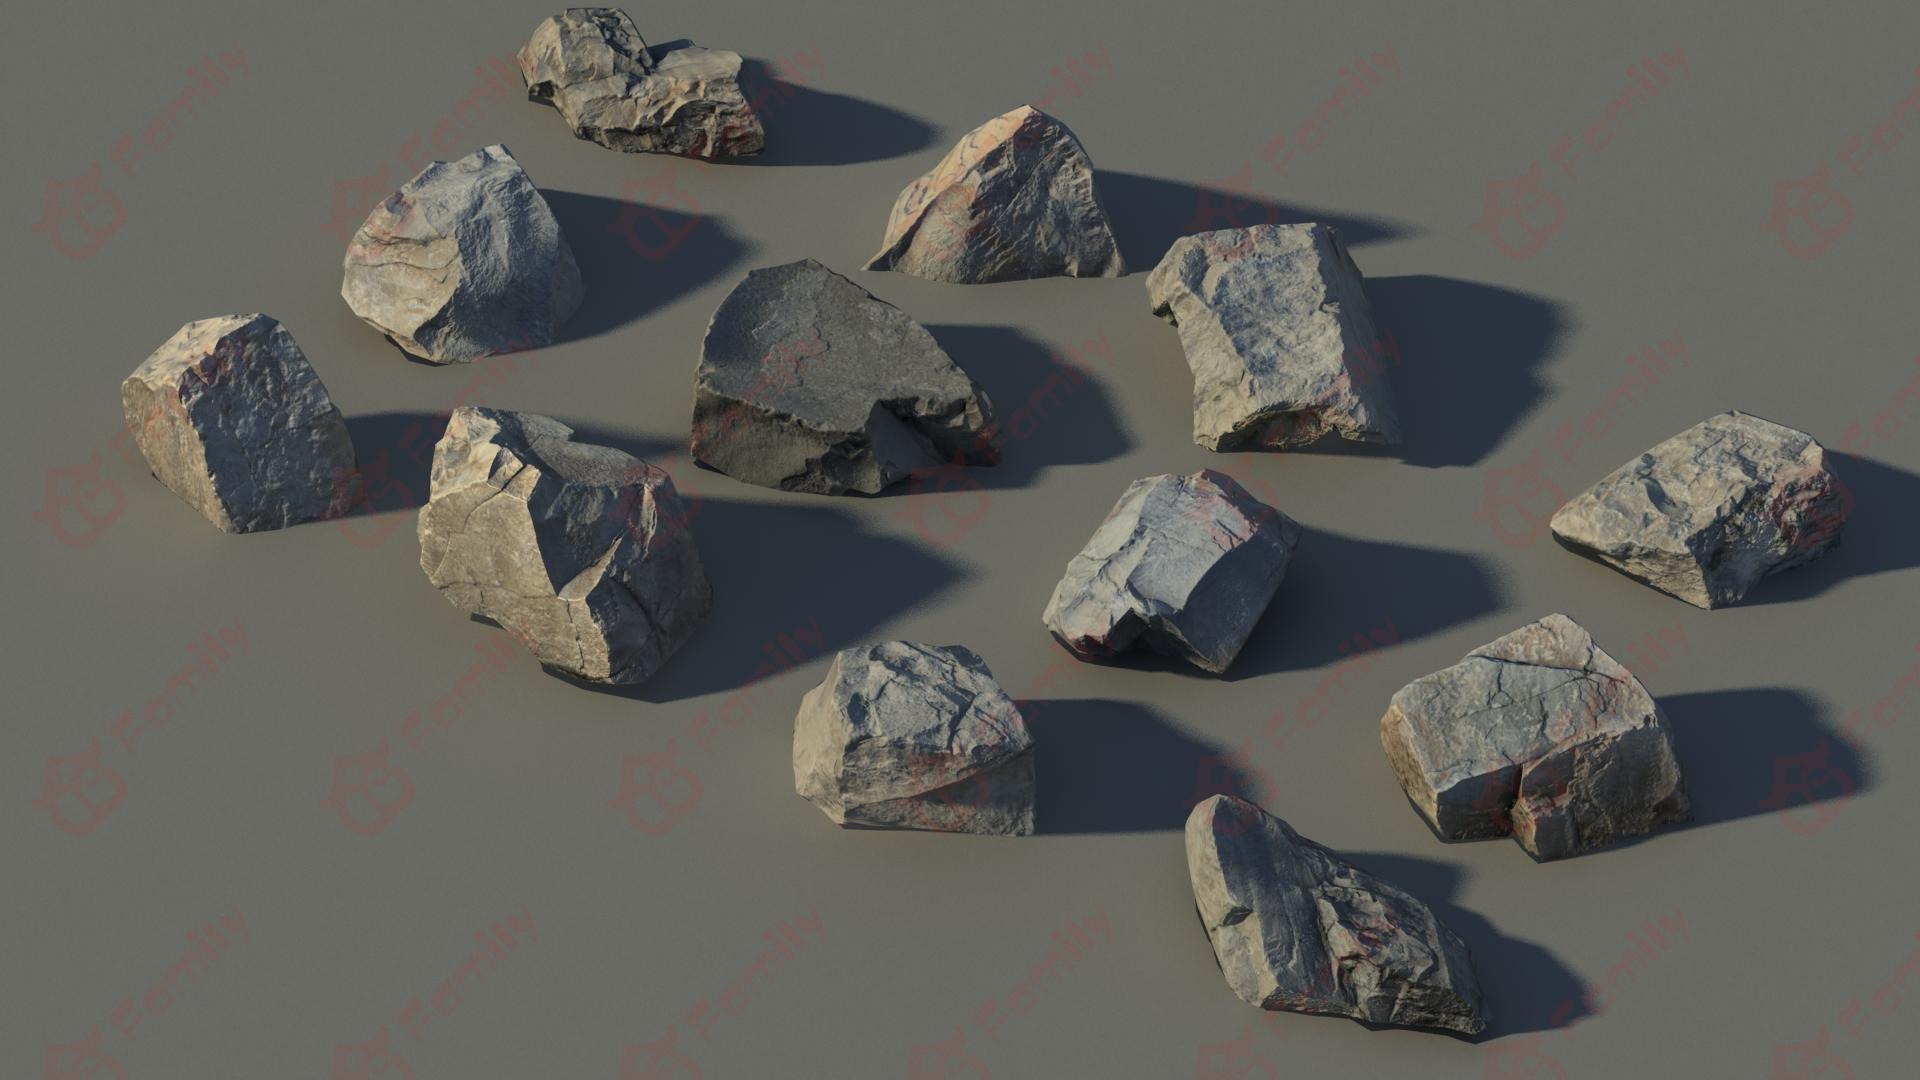 高精度扫描石头_碎石3D模型下载